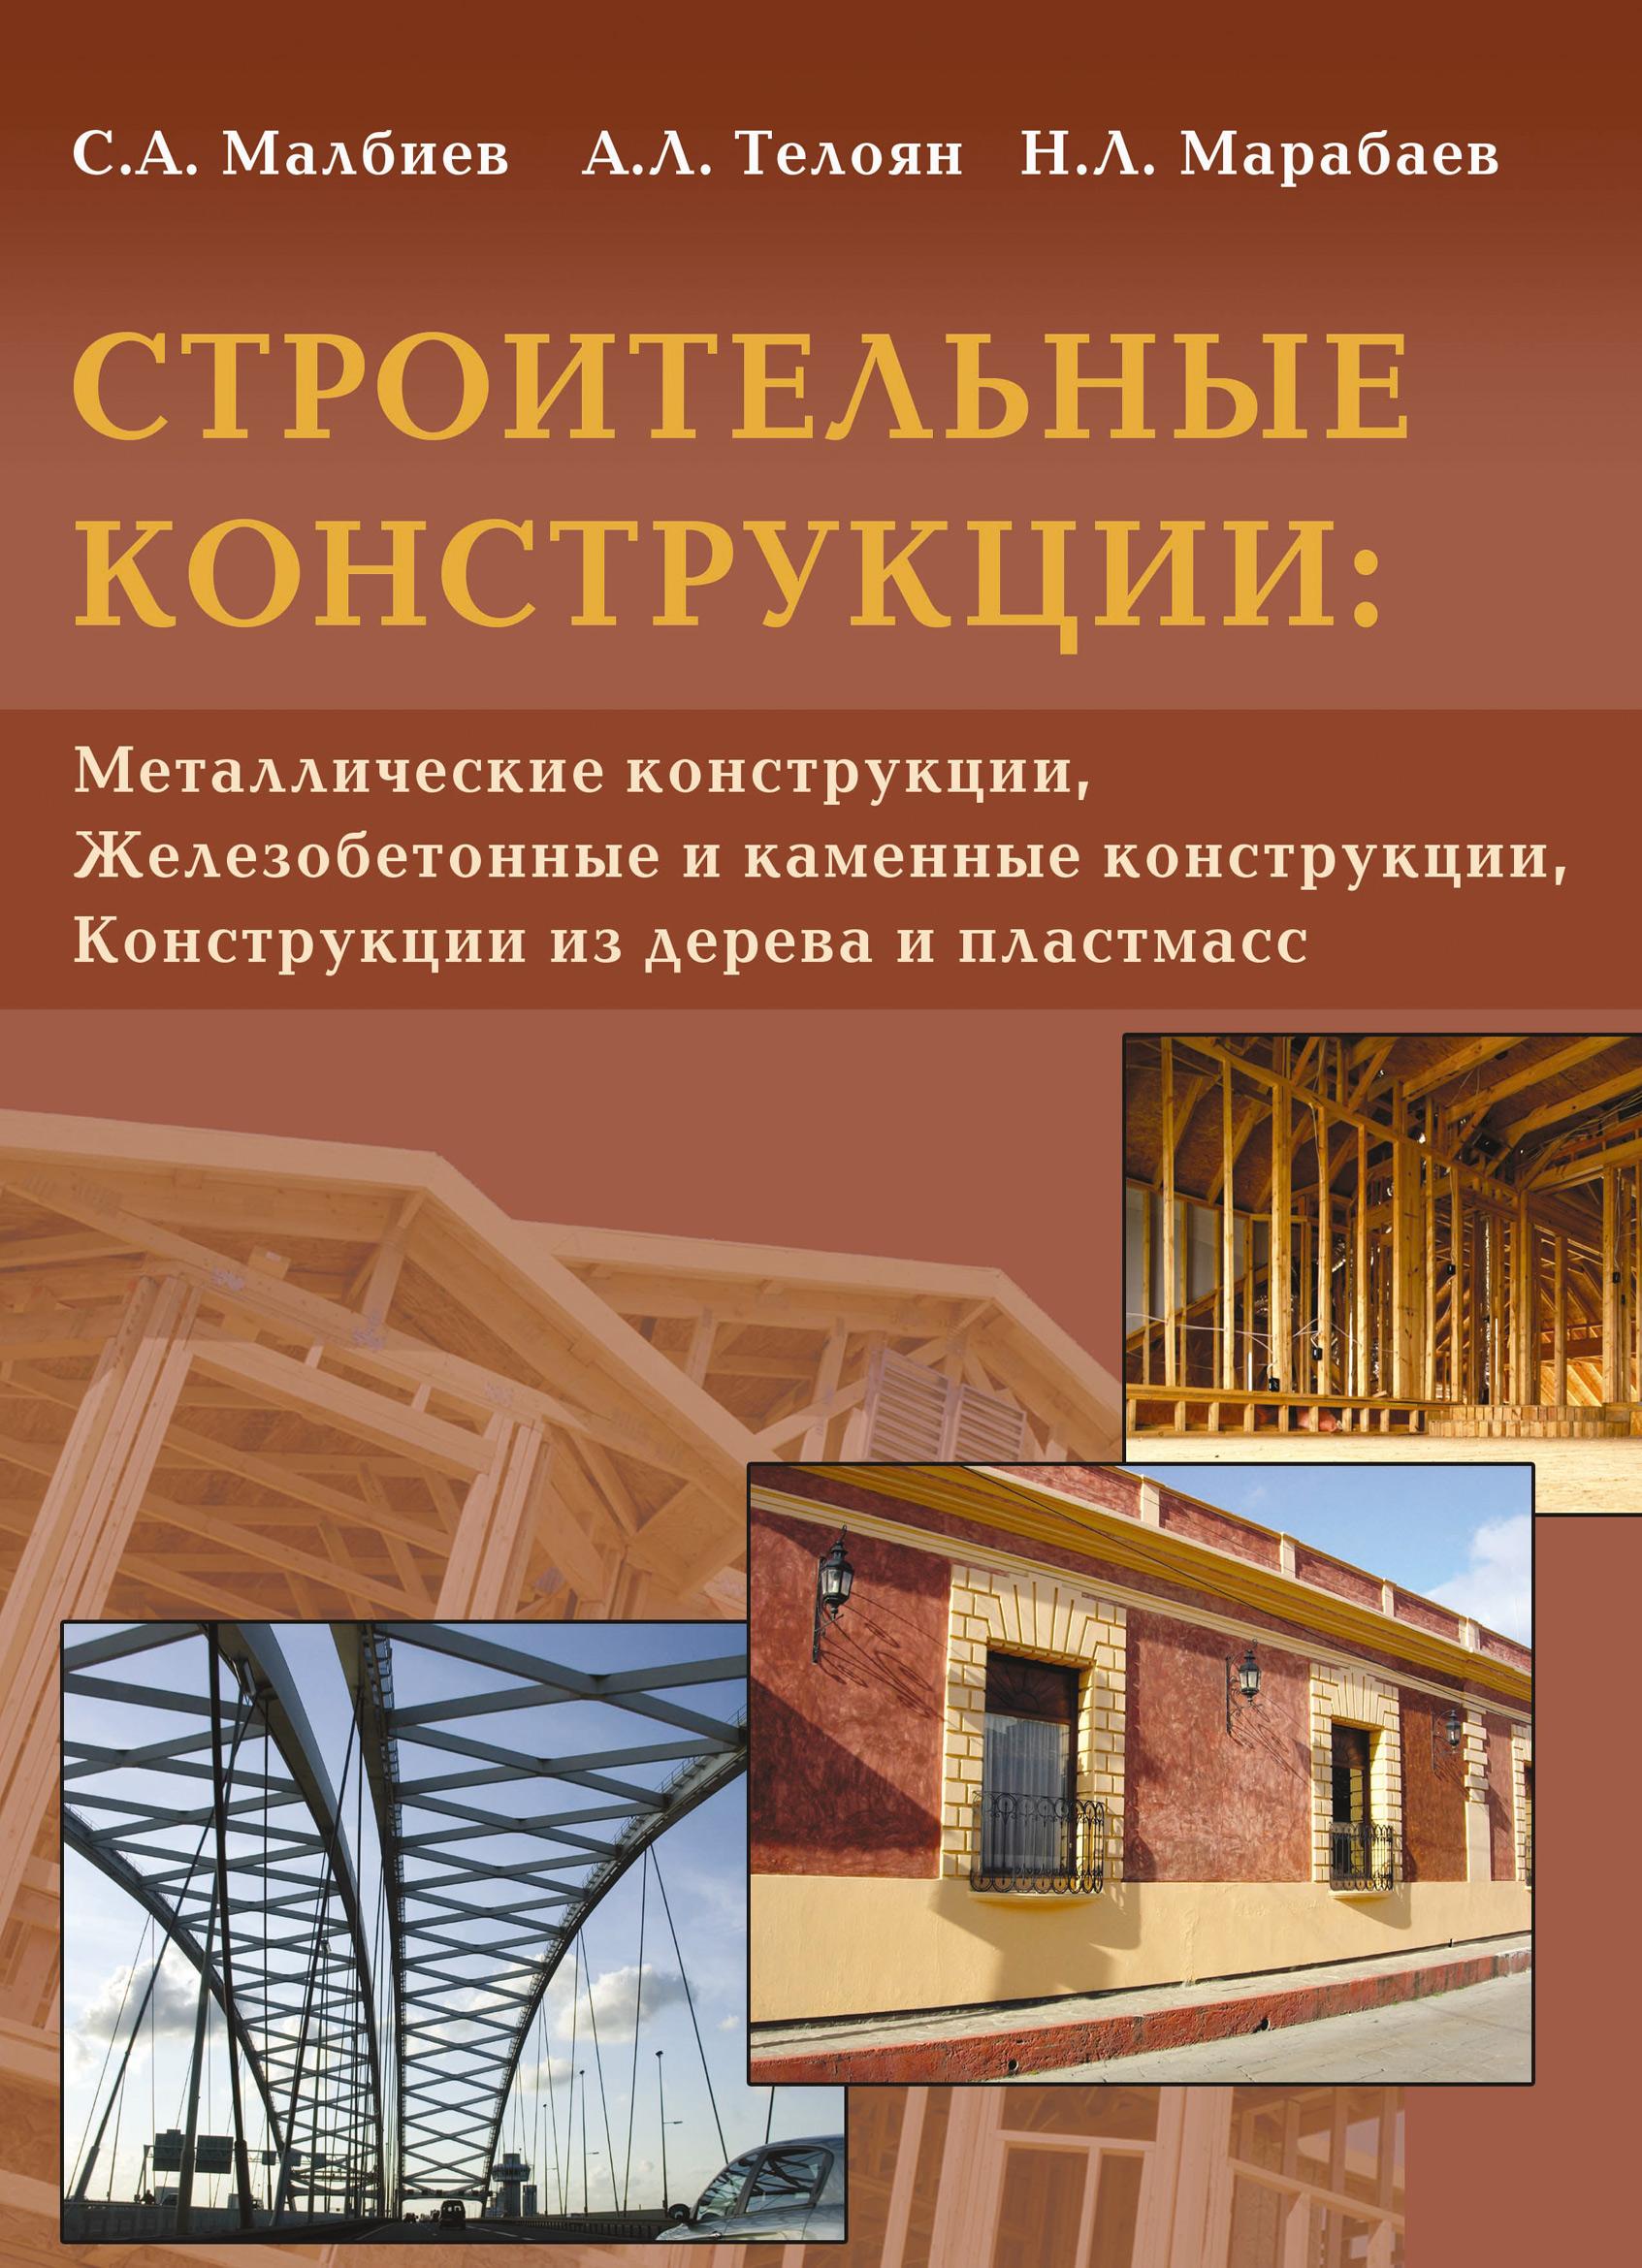 С. А. Малбиев Строительные конструкции: «Металлические конструкции», «Железобетонные и каменные конструкции», «Конструкции из дерева и пластмасс»